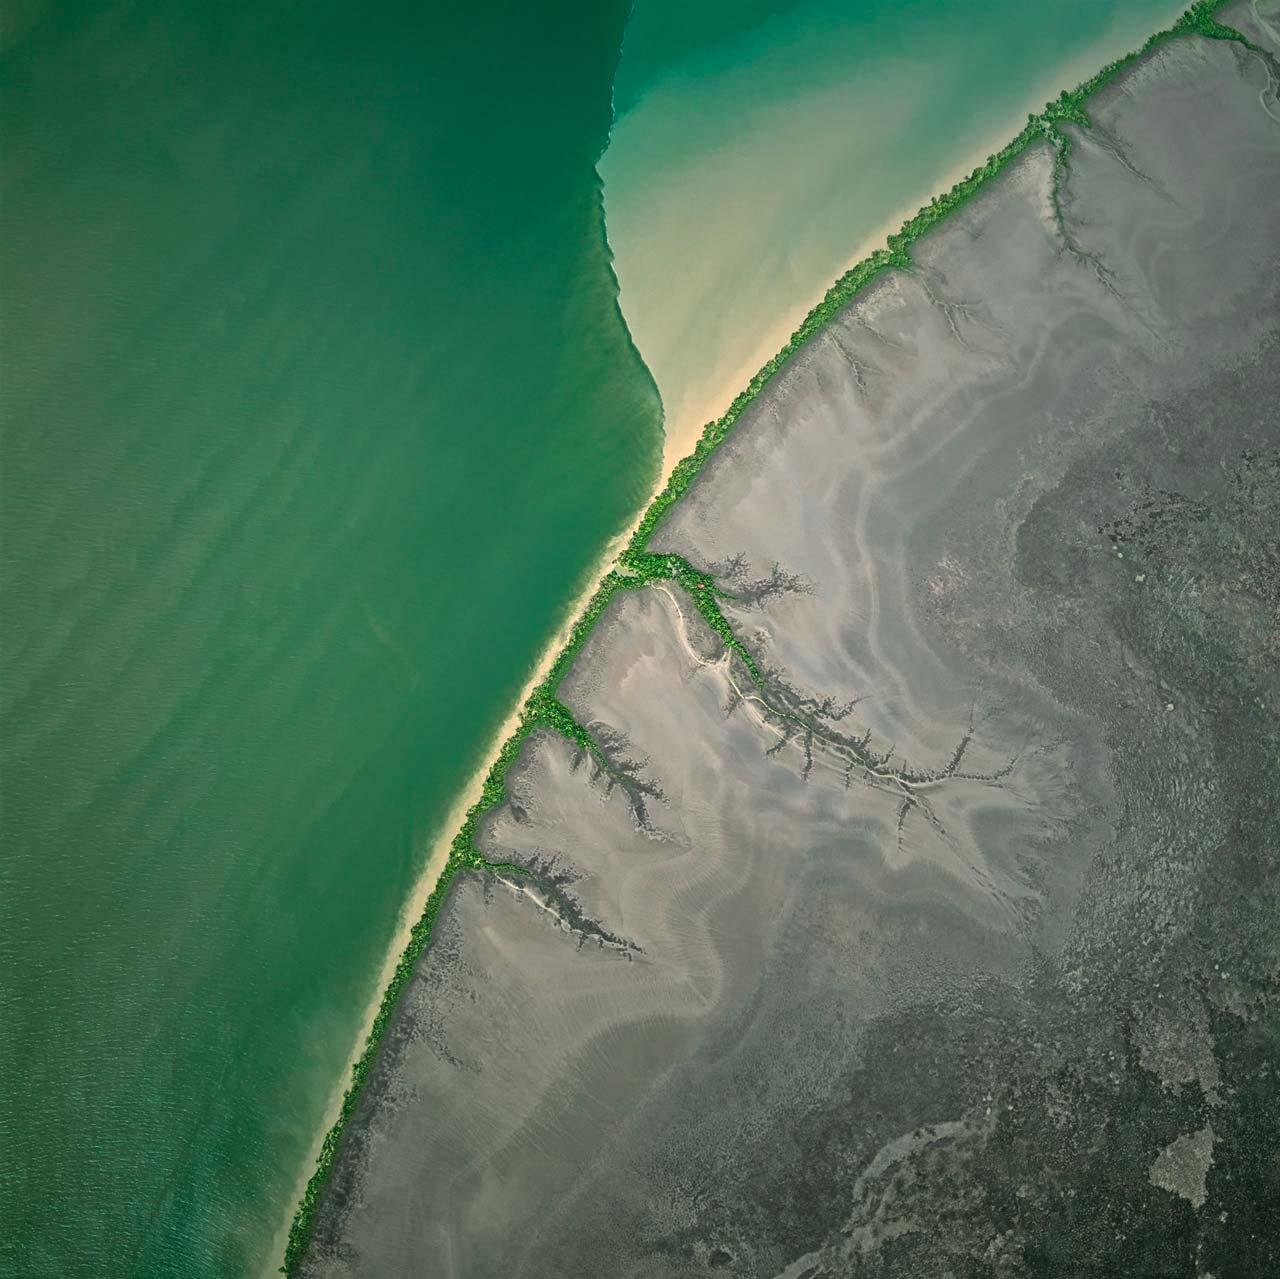 Mangroven am Ufer und Algen im Wasser bringen verschiedene Grüntöne in die kahle Schwemmebene des Alligator-River. Im Fluss grenzt von Algen dunkelgrün gefärbtes Wasser an das mit Schwebstoffen beladene, helle Wasser, das Nebenarme ins Flussbett spülen. Die unterschiedliche Dichte verhindert, dass sie sich sofort vermischen. Alligator River, Australien.